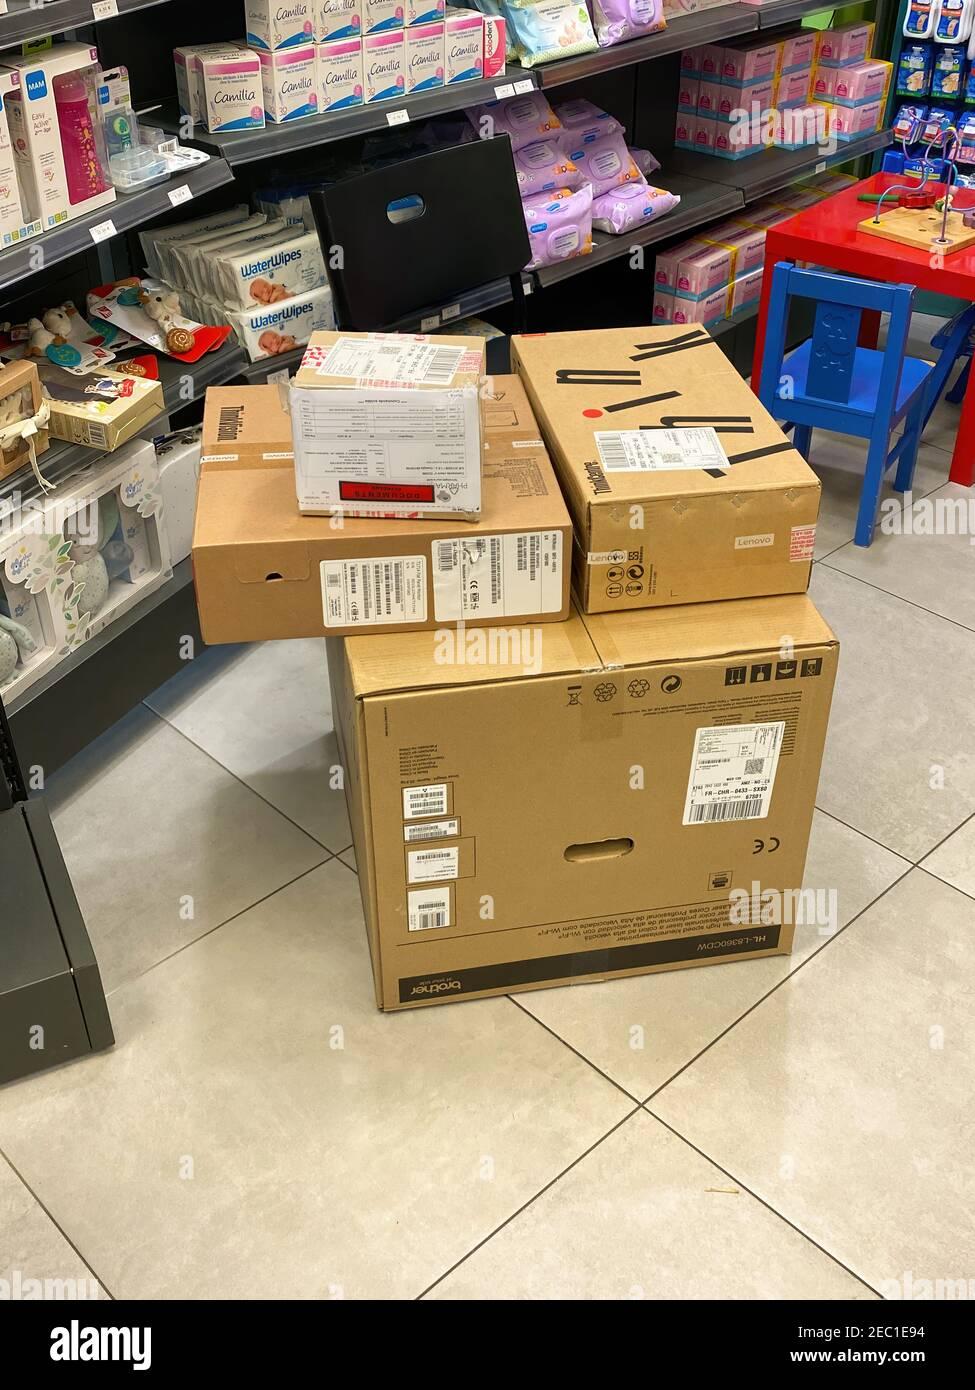 Estrasburgo, Francia - 17 de octubre de 2020: Cajas con ordenador personal Lenovo e impresora láser Brother en el piso de la farmacia Foto de stock